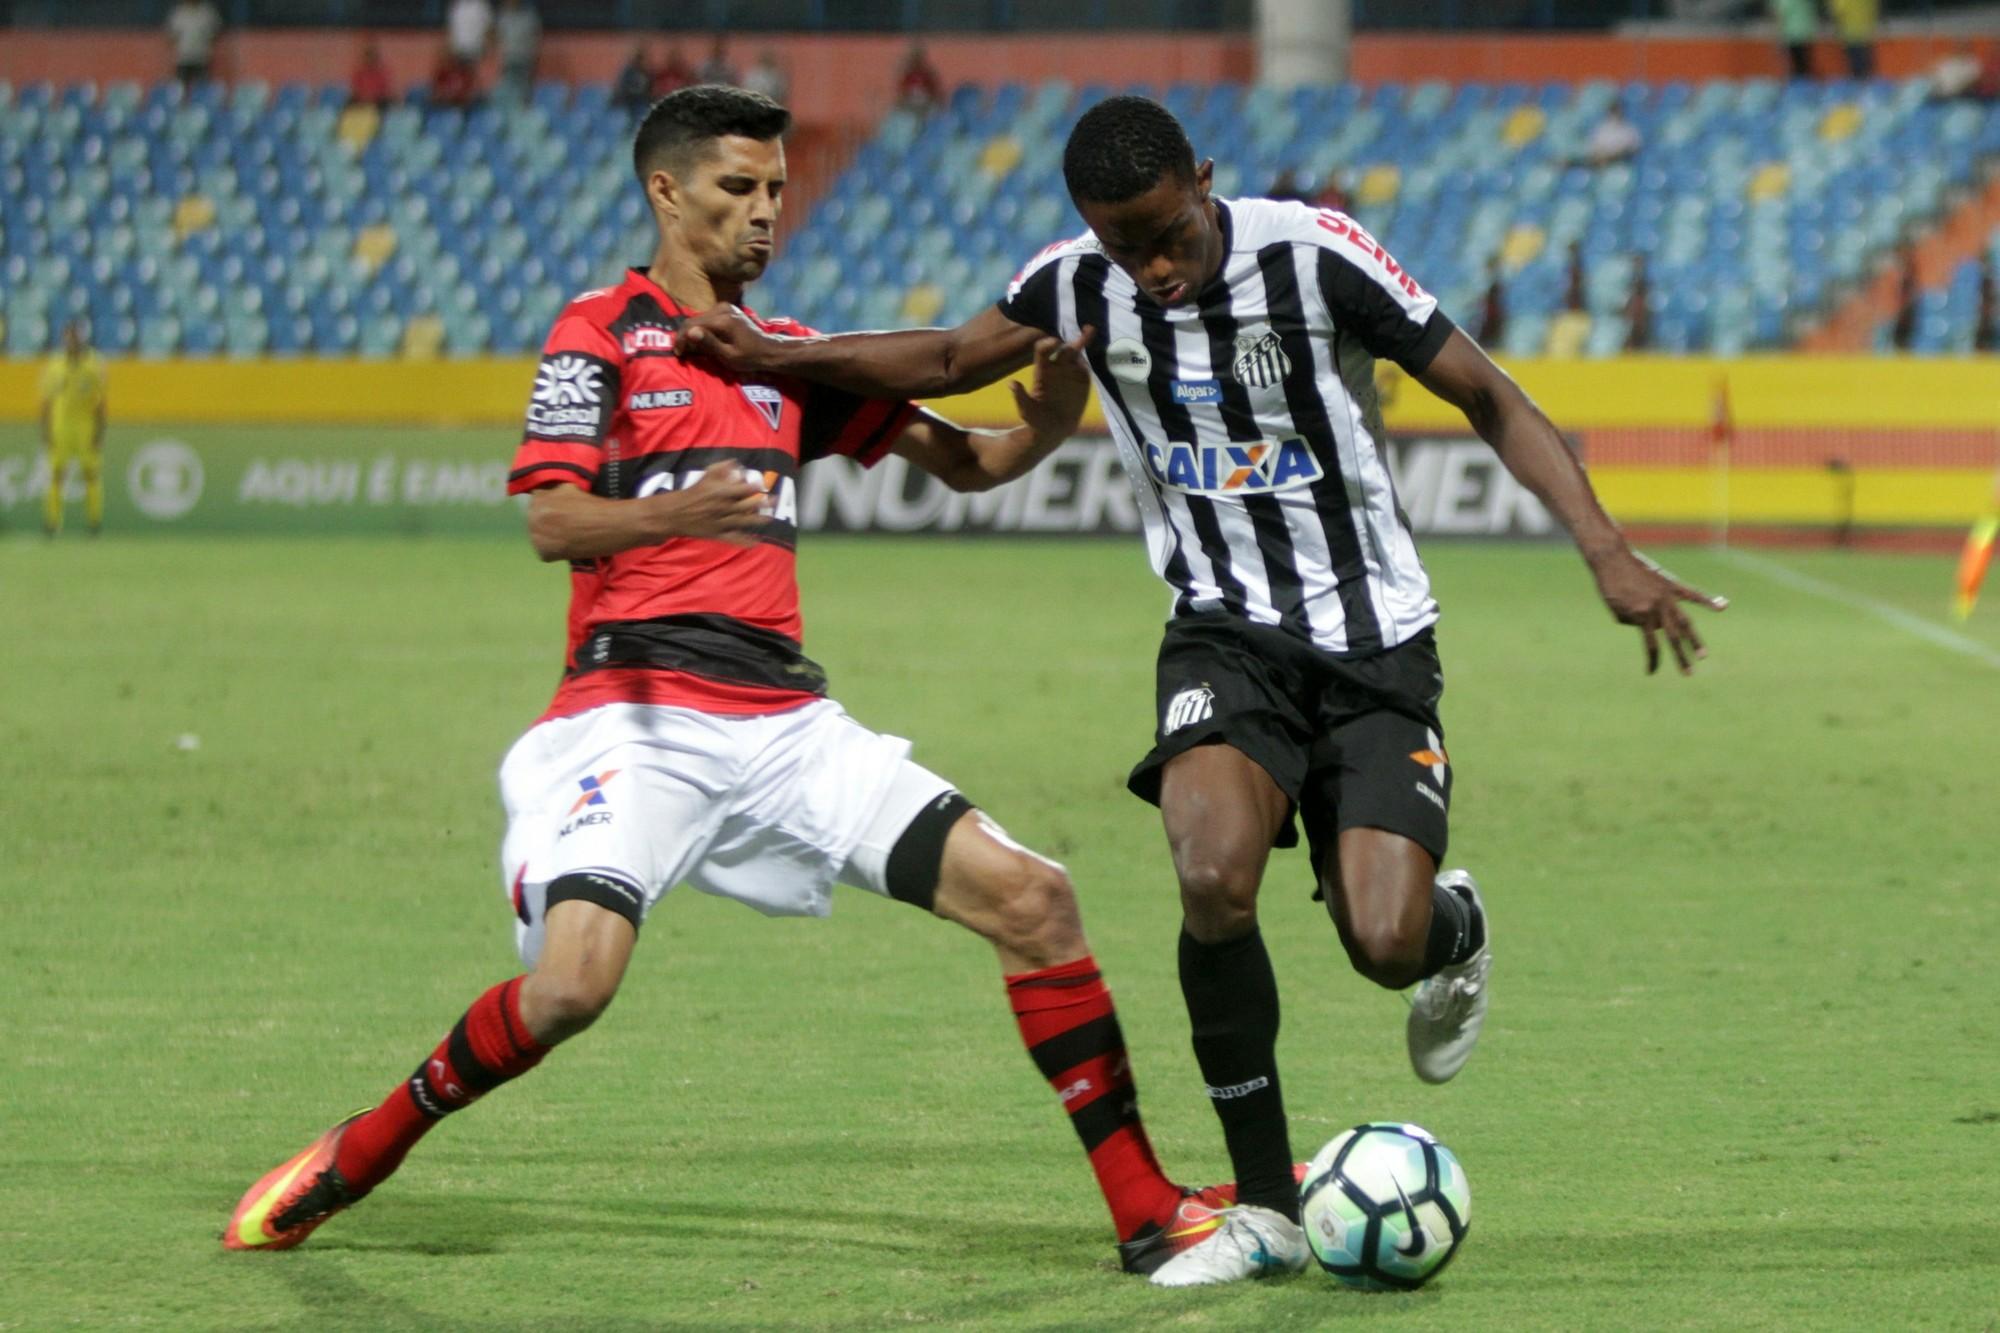 Atletico Go X Santos Campeonato Brasileiro 2017 Sportv